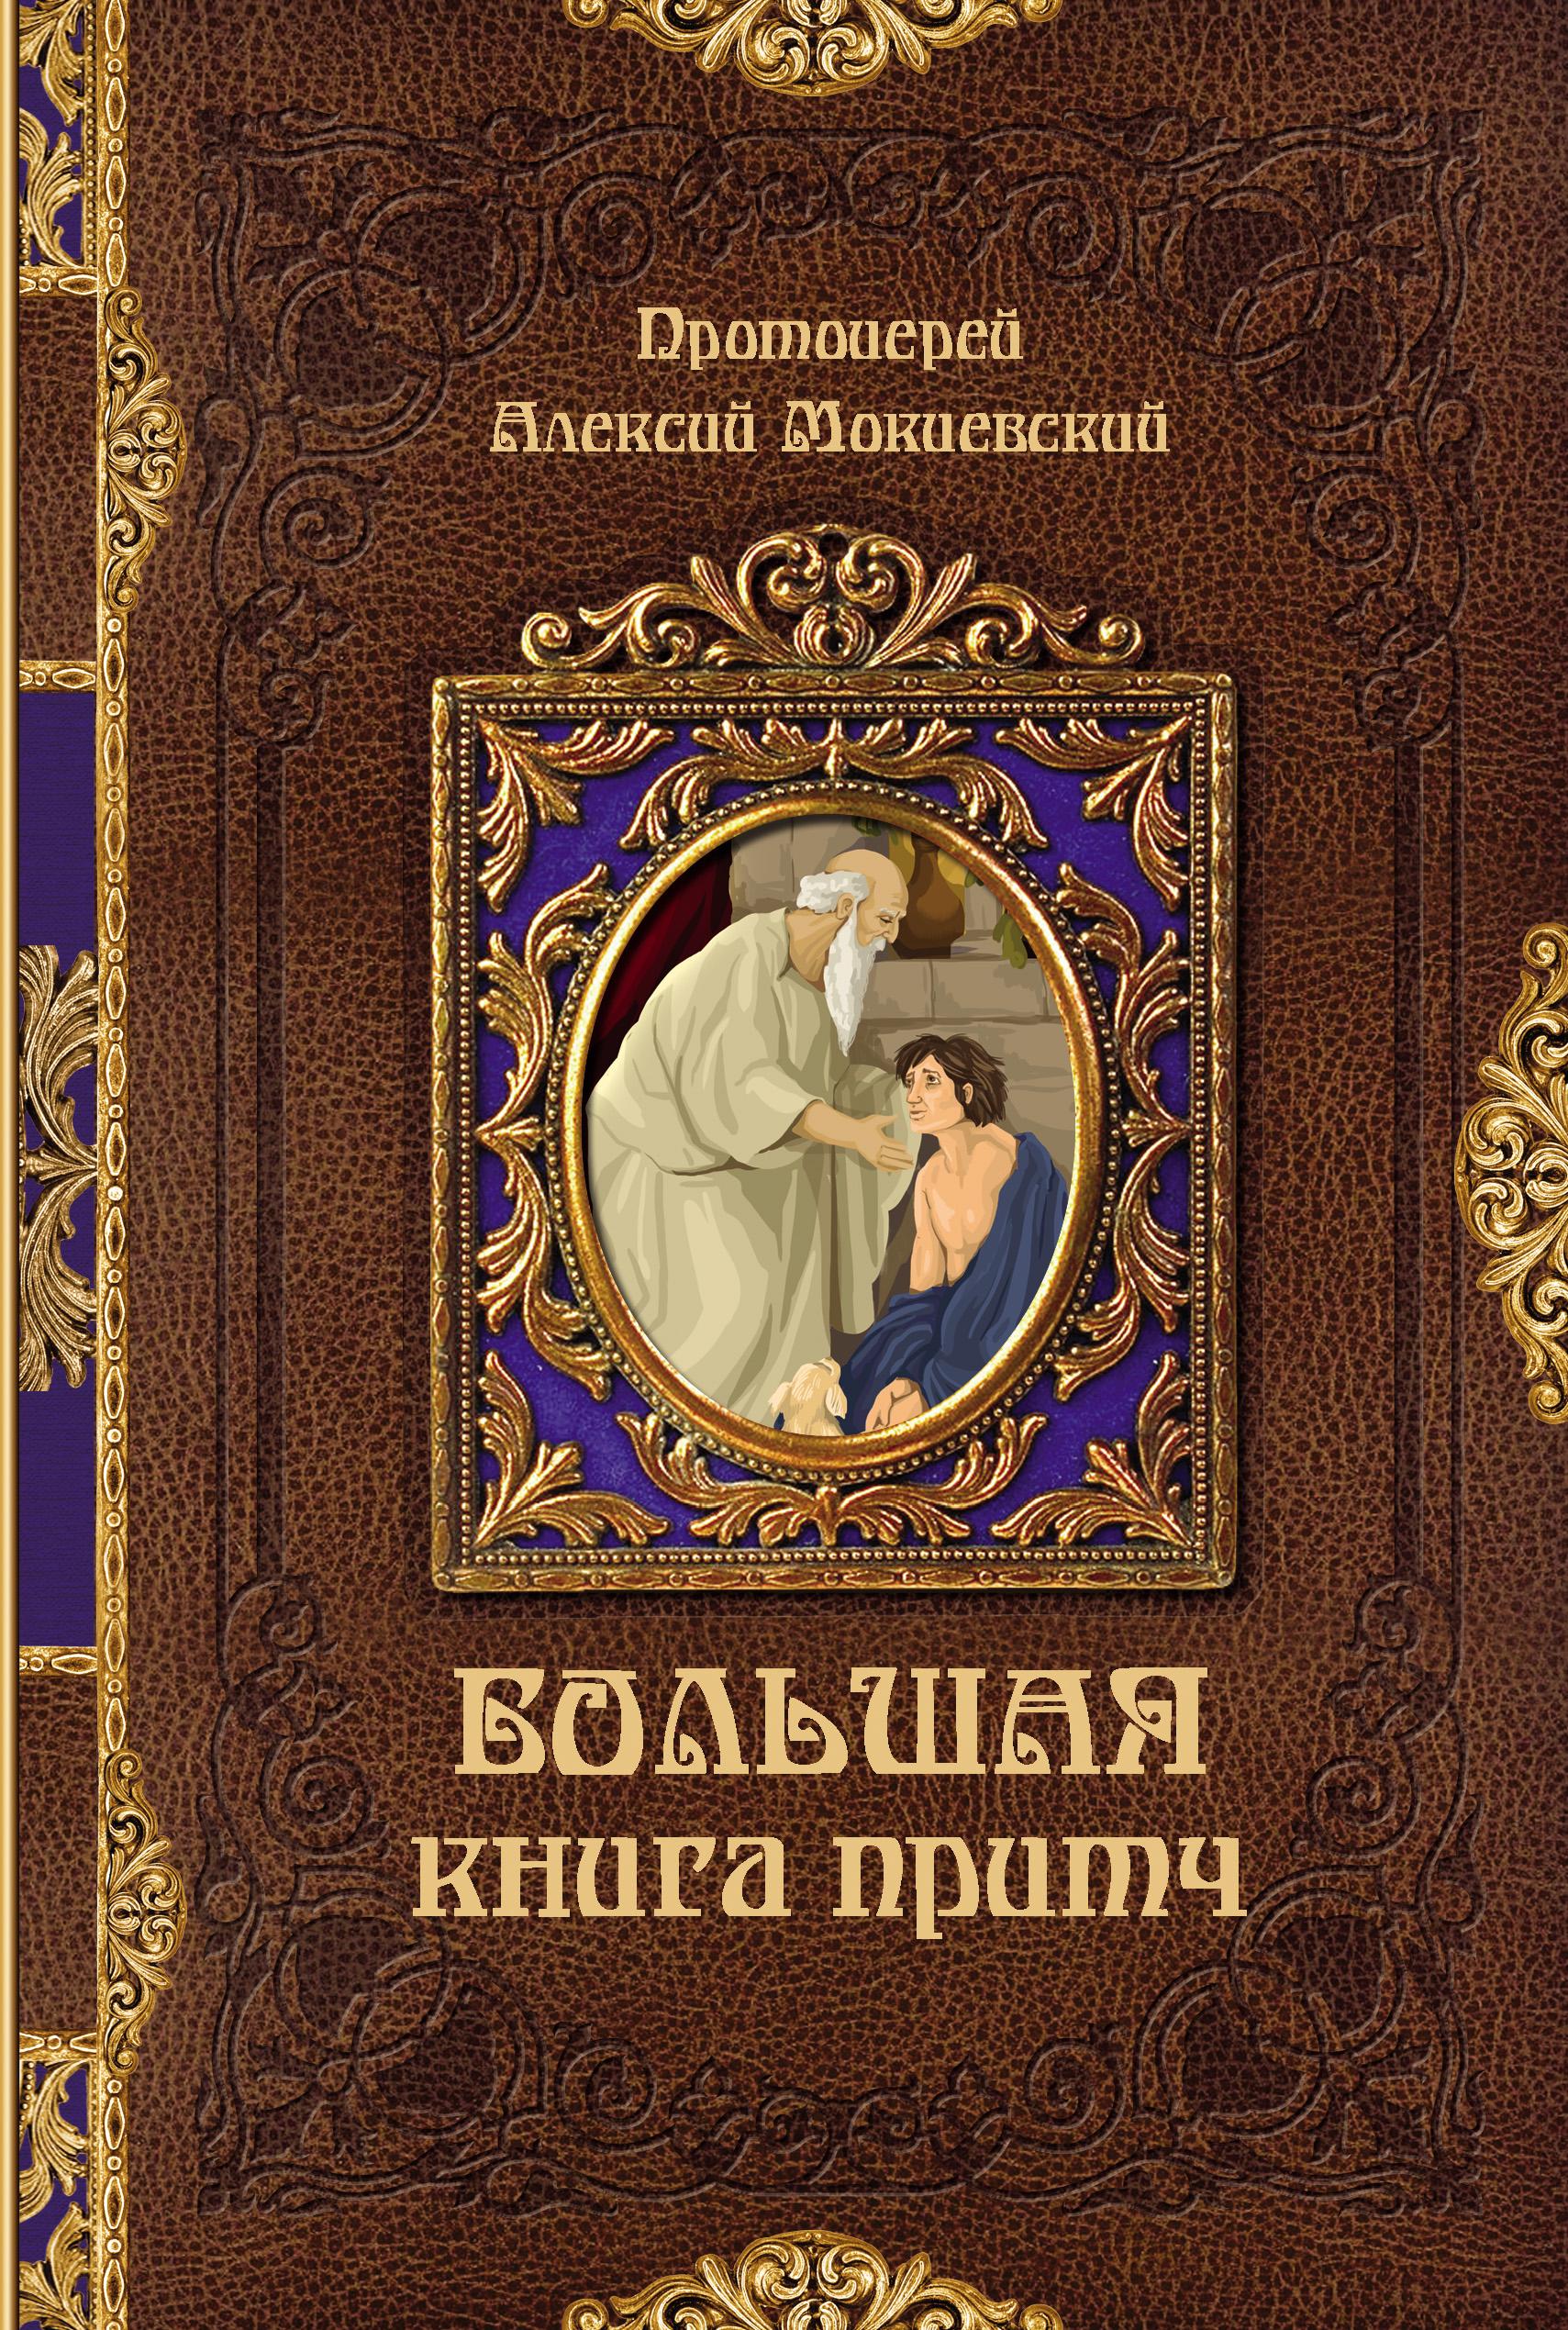 Отсутствует Большая книга притч добродеев а сост мудрость христианства большая книга афоризмов и притч бордовая